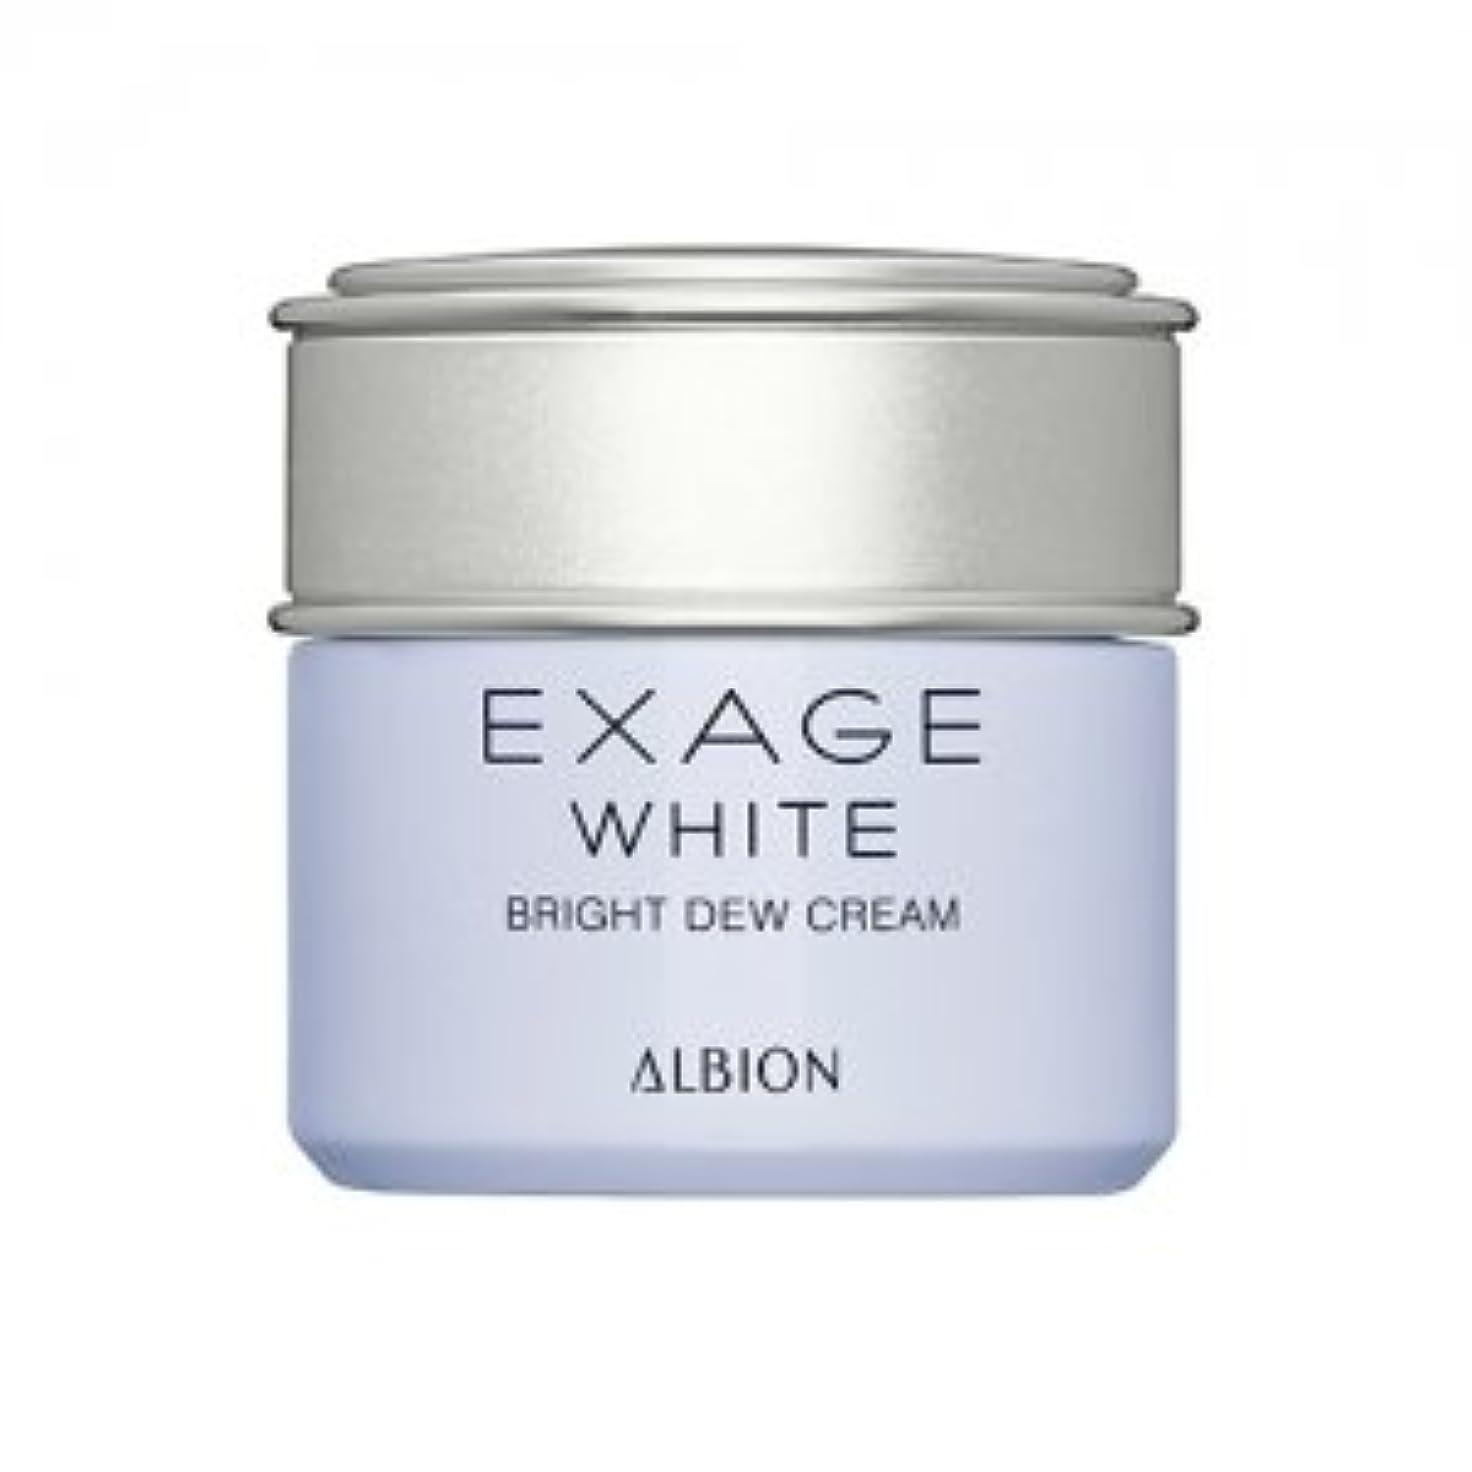 アルビオン エクサージュホワイト ホワイトセルラー クリーム 30g 薬用美白クリーム